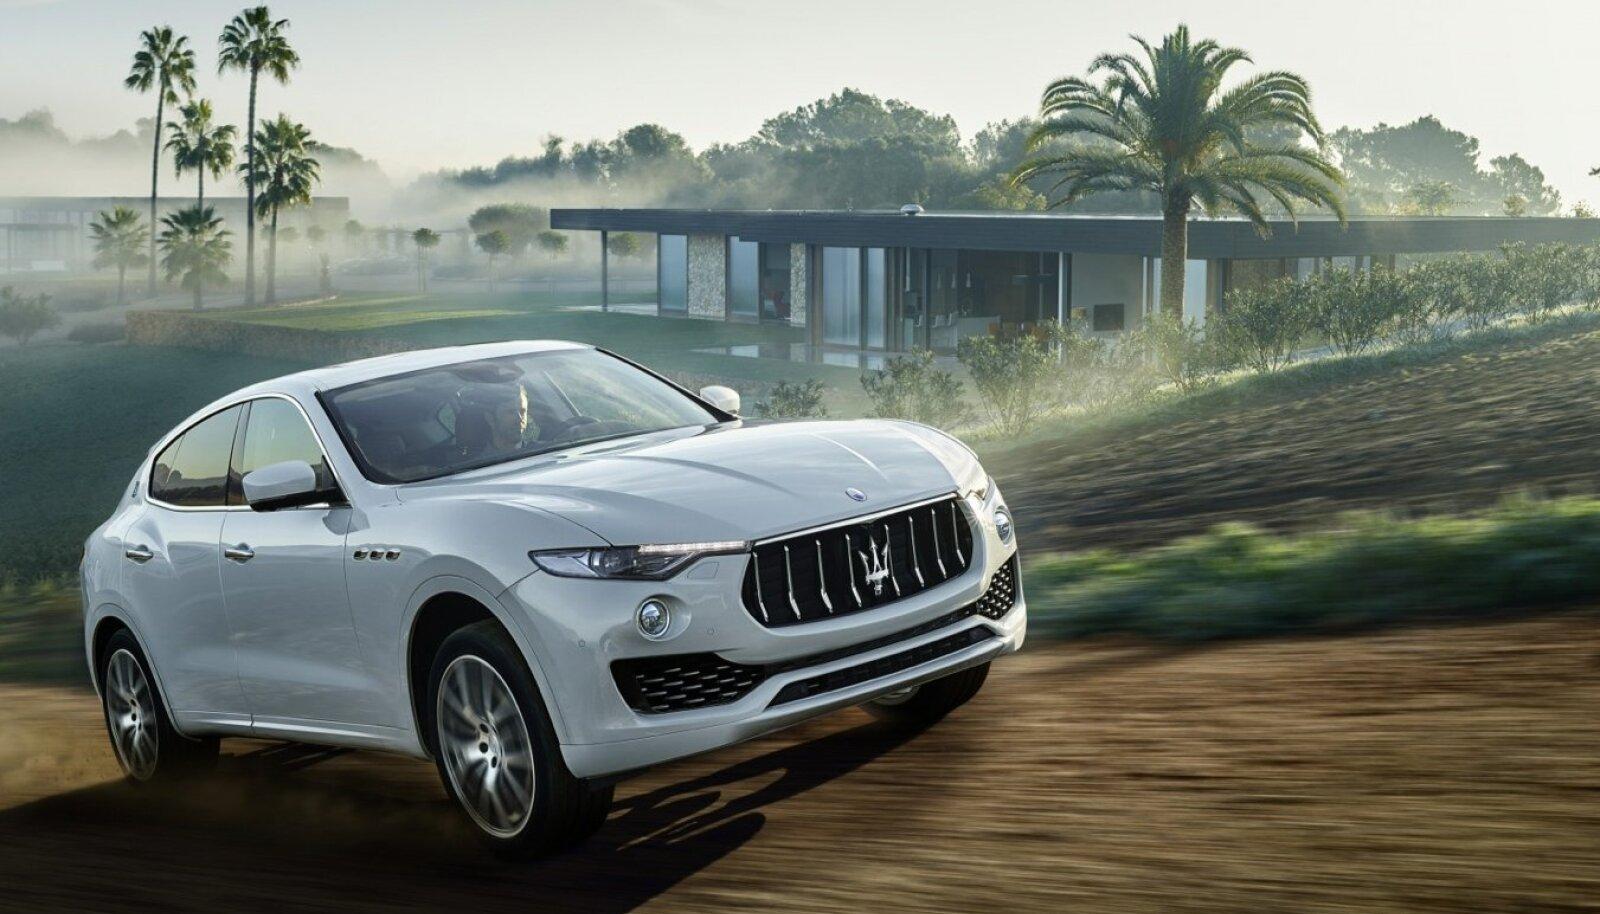 Üle kahe tonni kaaluv Maserati esimene luksusmaastur Levante kiirendab nagu pöörane, kuid pakub staatusele omaselt müravaba ja mugavat kulgemist.